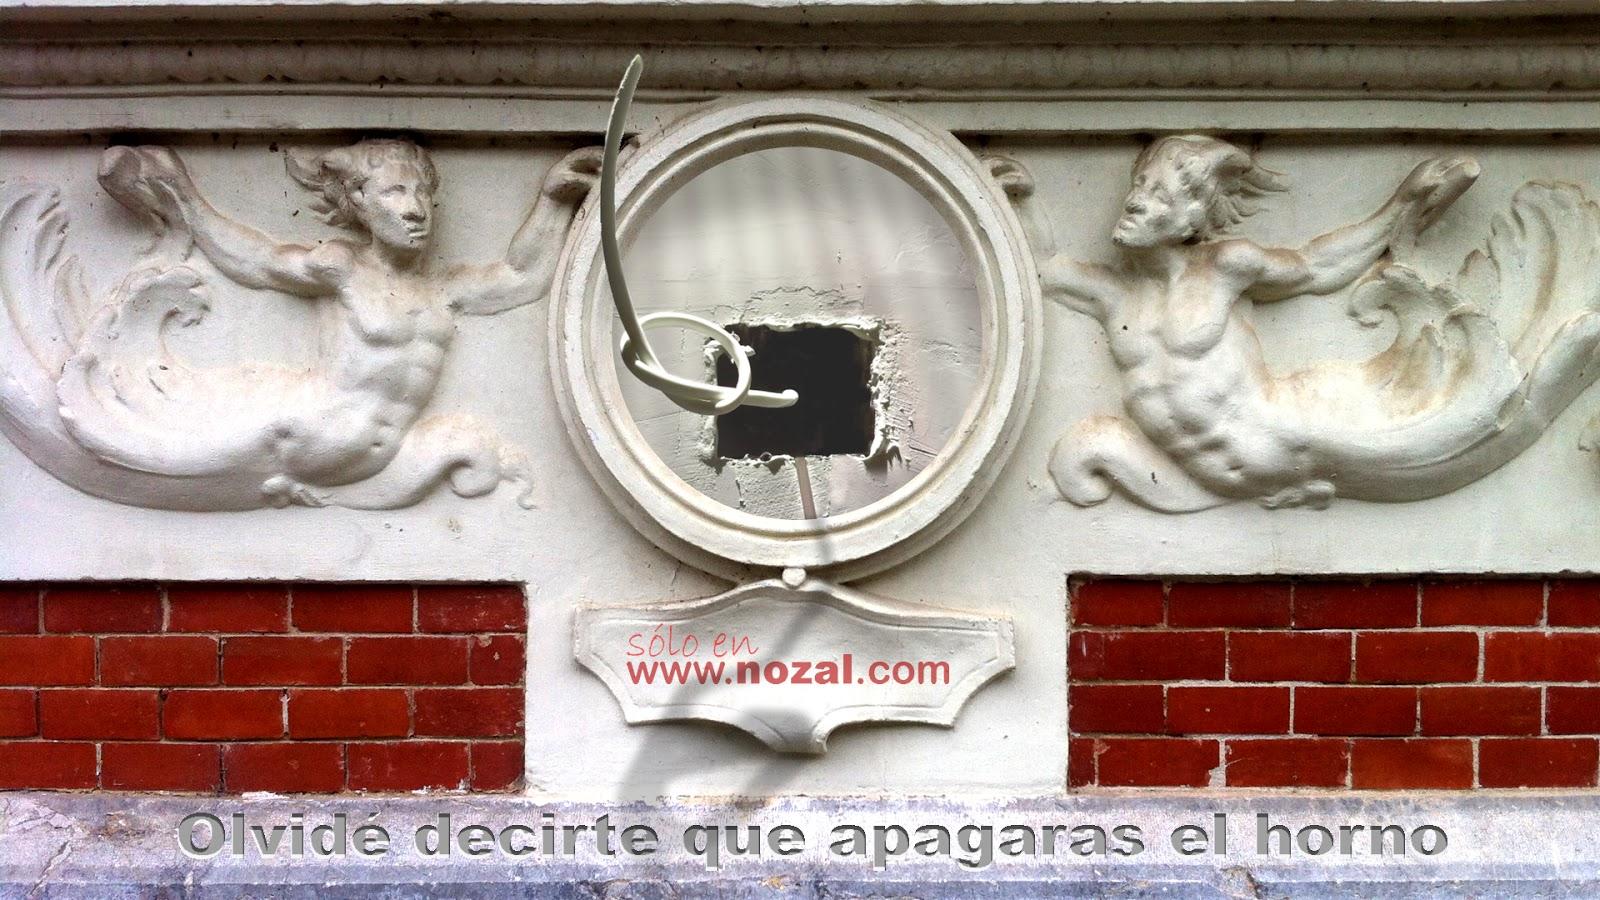 Del centro del relieve emerge el quid de la novela, 2014 Abbé Nozal